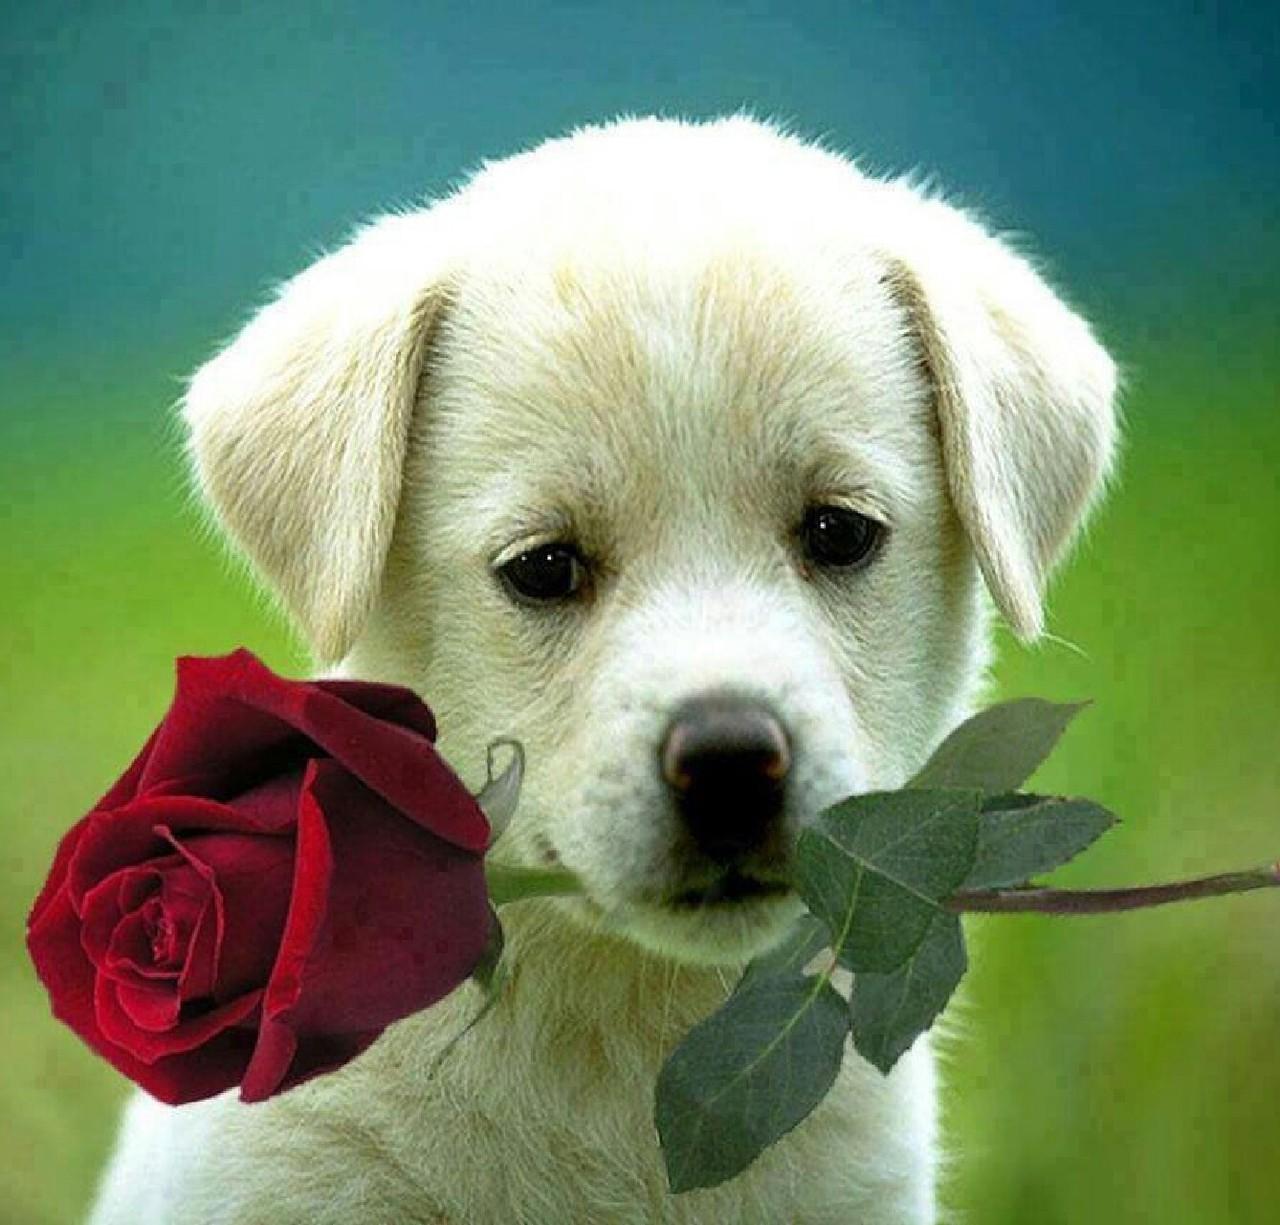 Hình ảnh chú chó ngọt ngào dễ thương